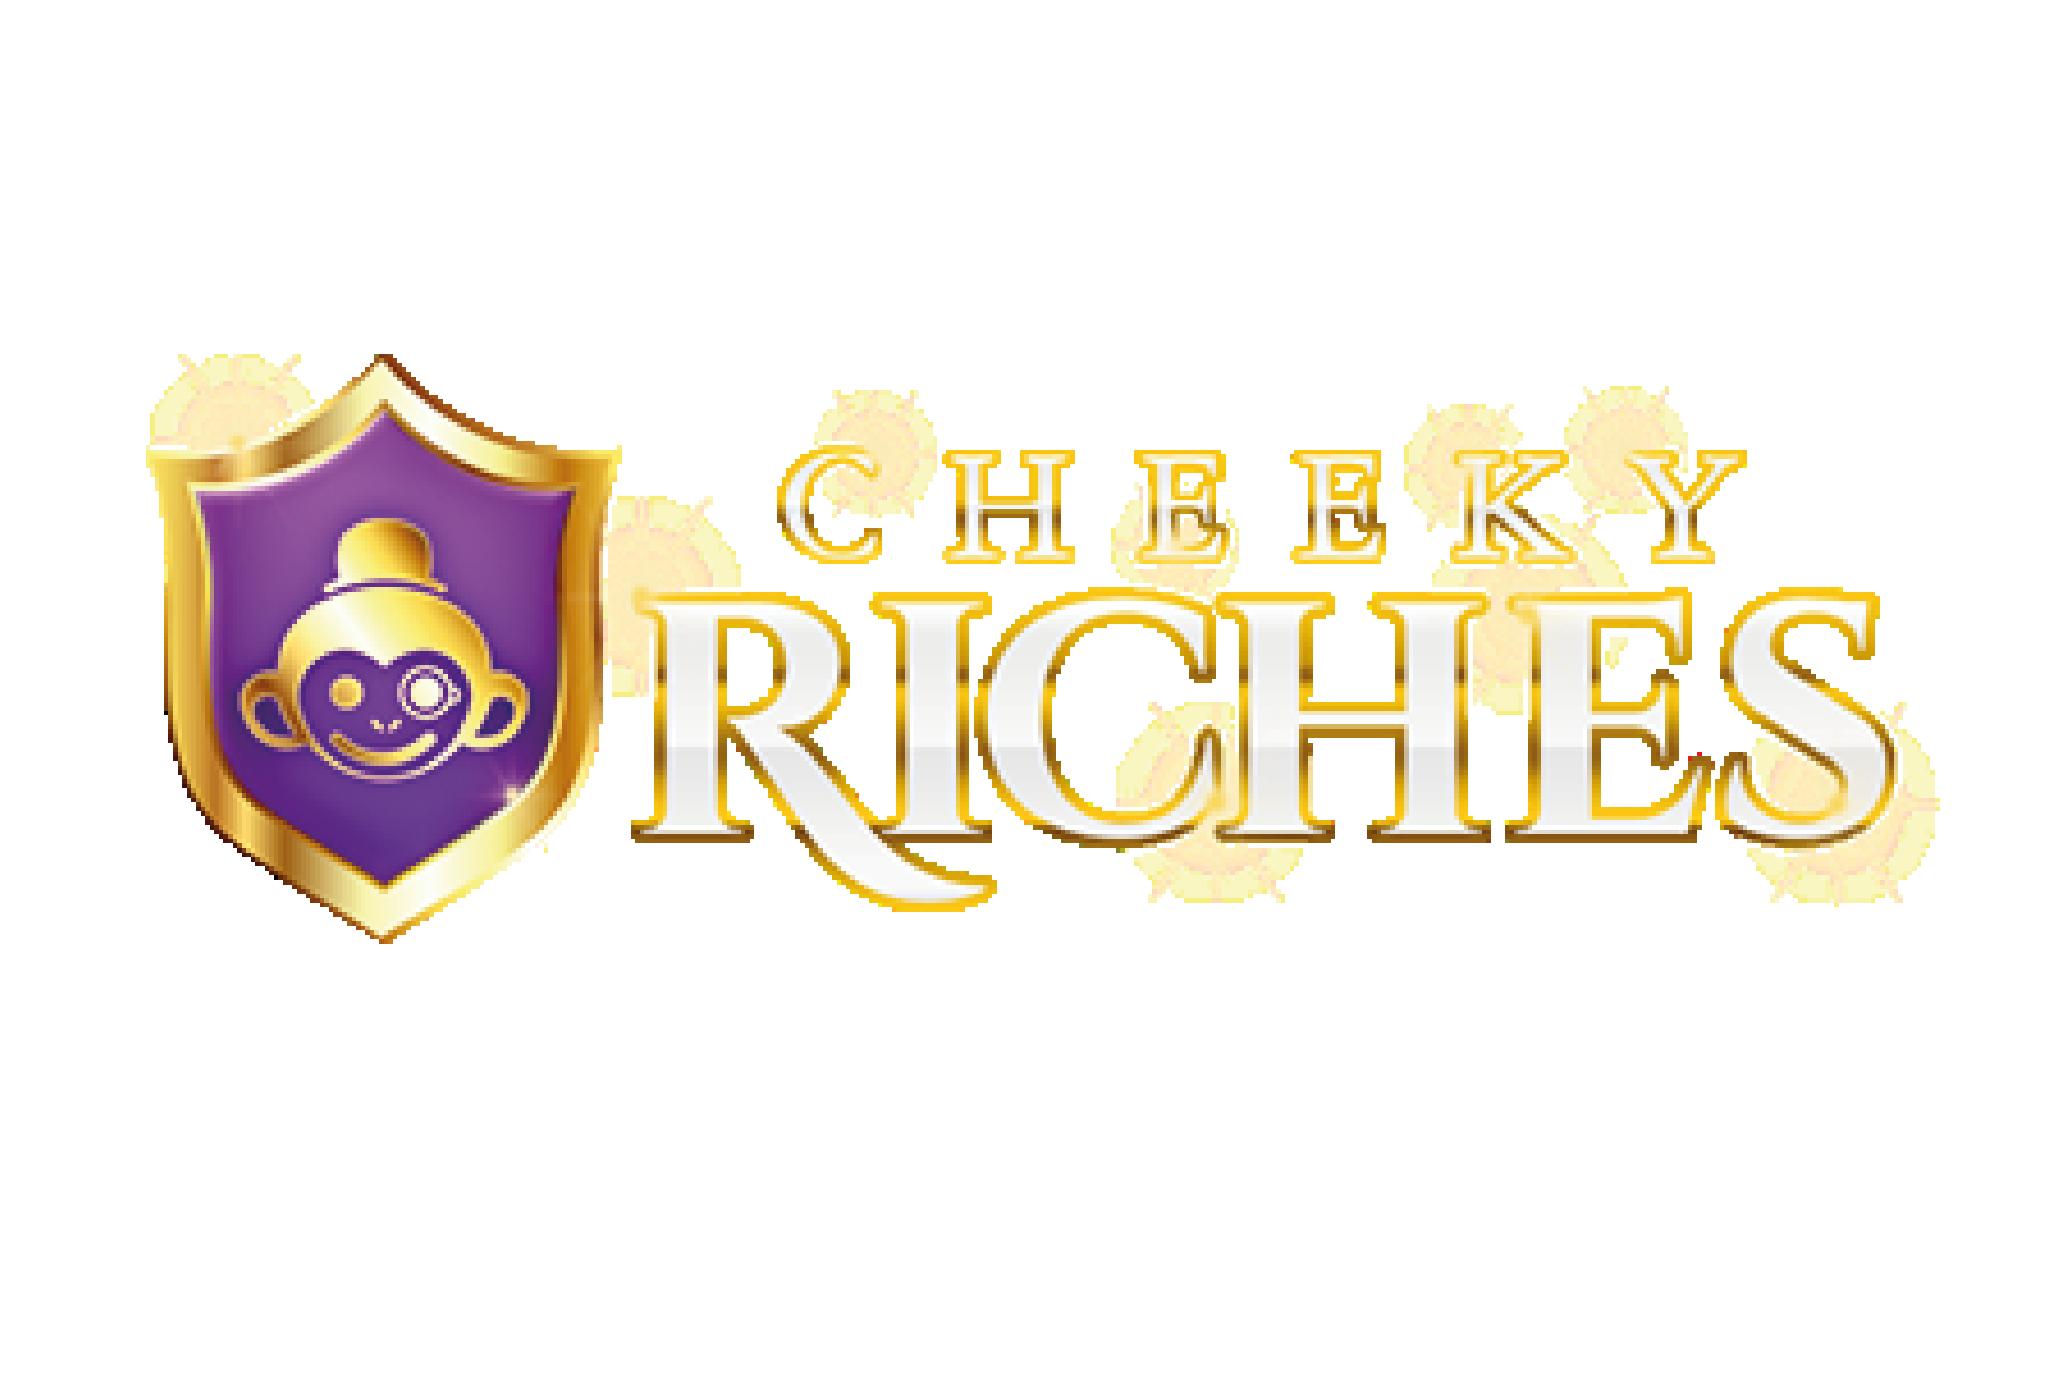 Cheeky Riches - logo